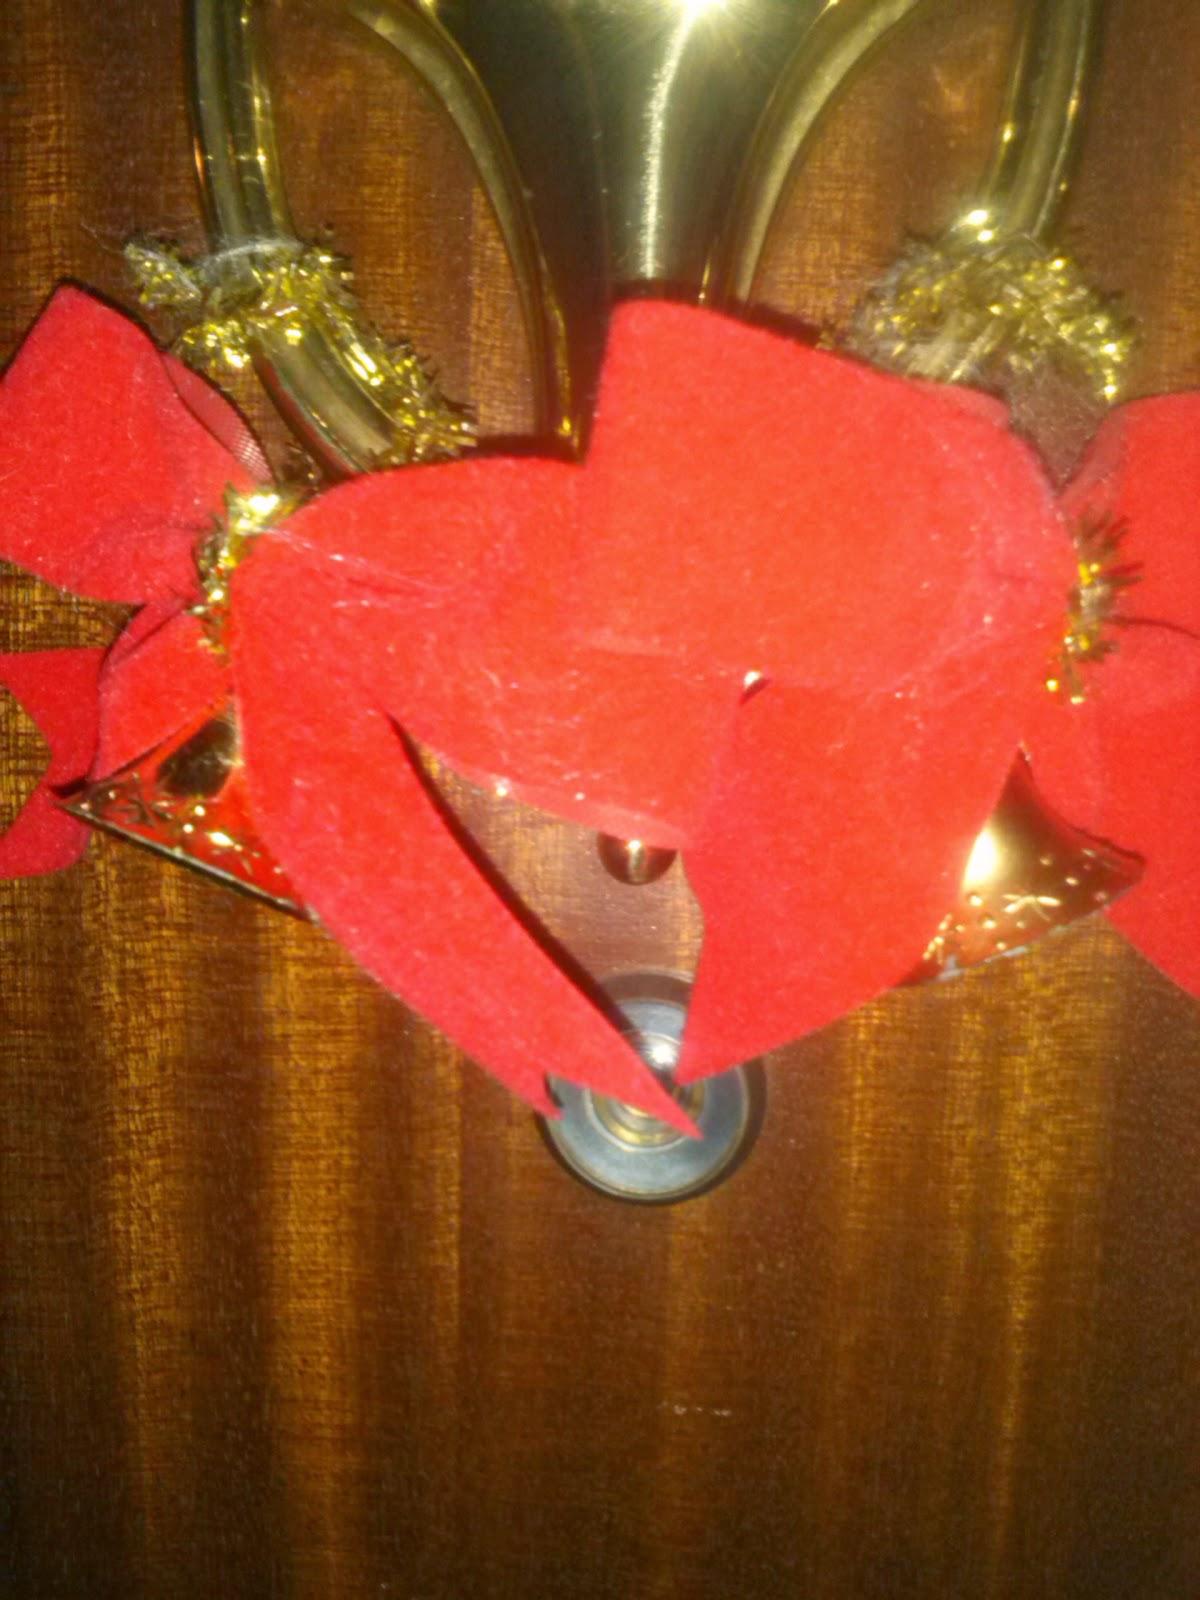 Mama rosa al habla ideas decorativas navide as - Ideas decorativas navidenas ...